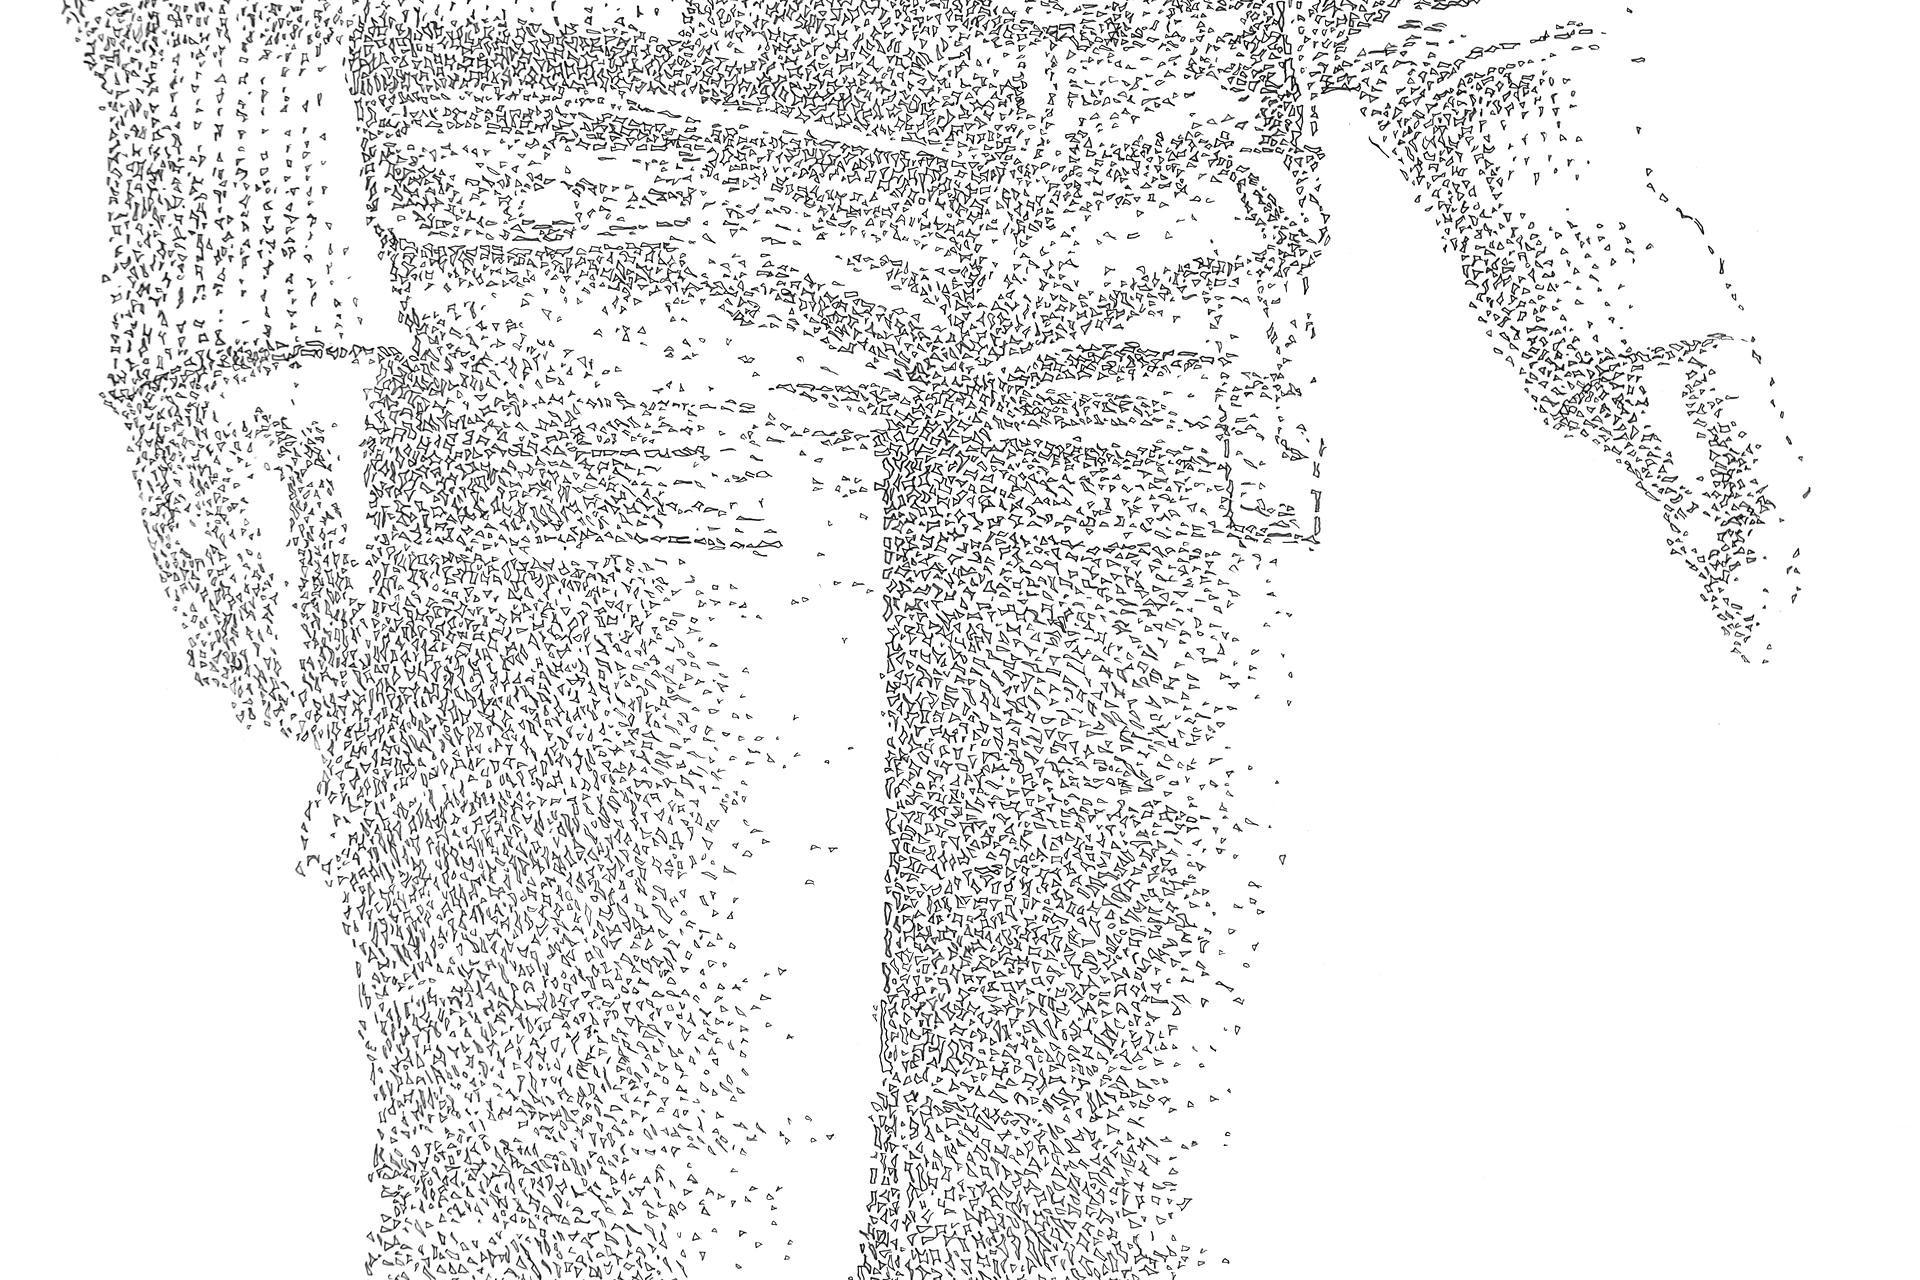 18:53 - 18:45, Detail, 2013